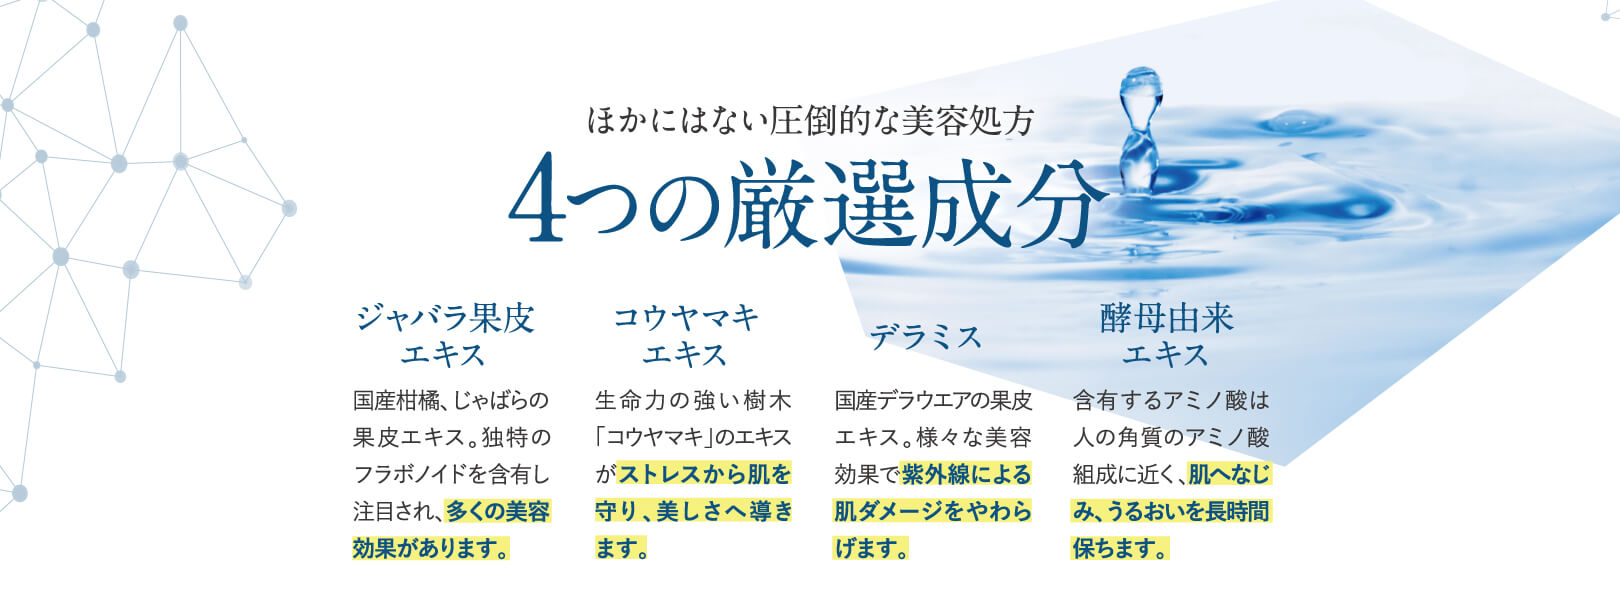 ほかにはない圧倒的な美容処方4つの厳選成分